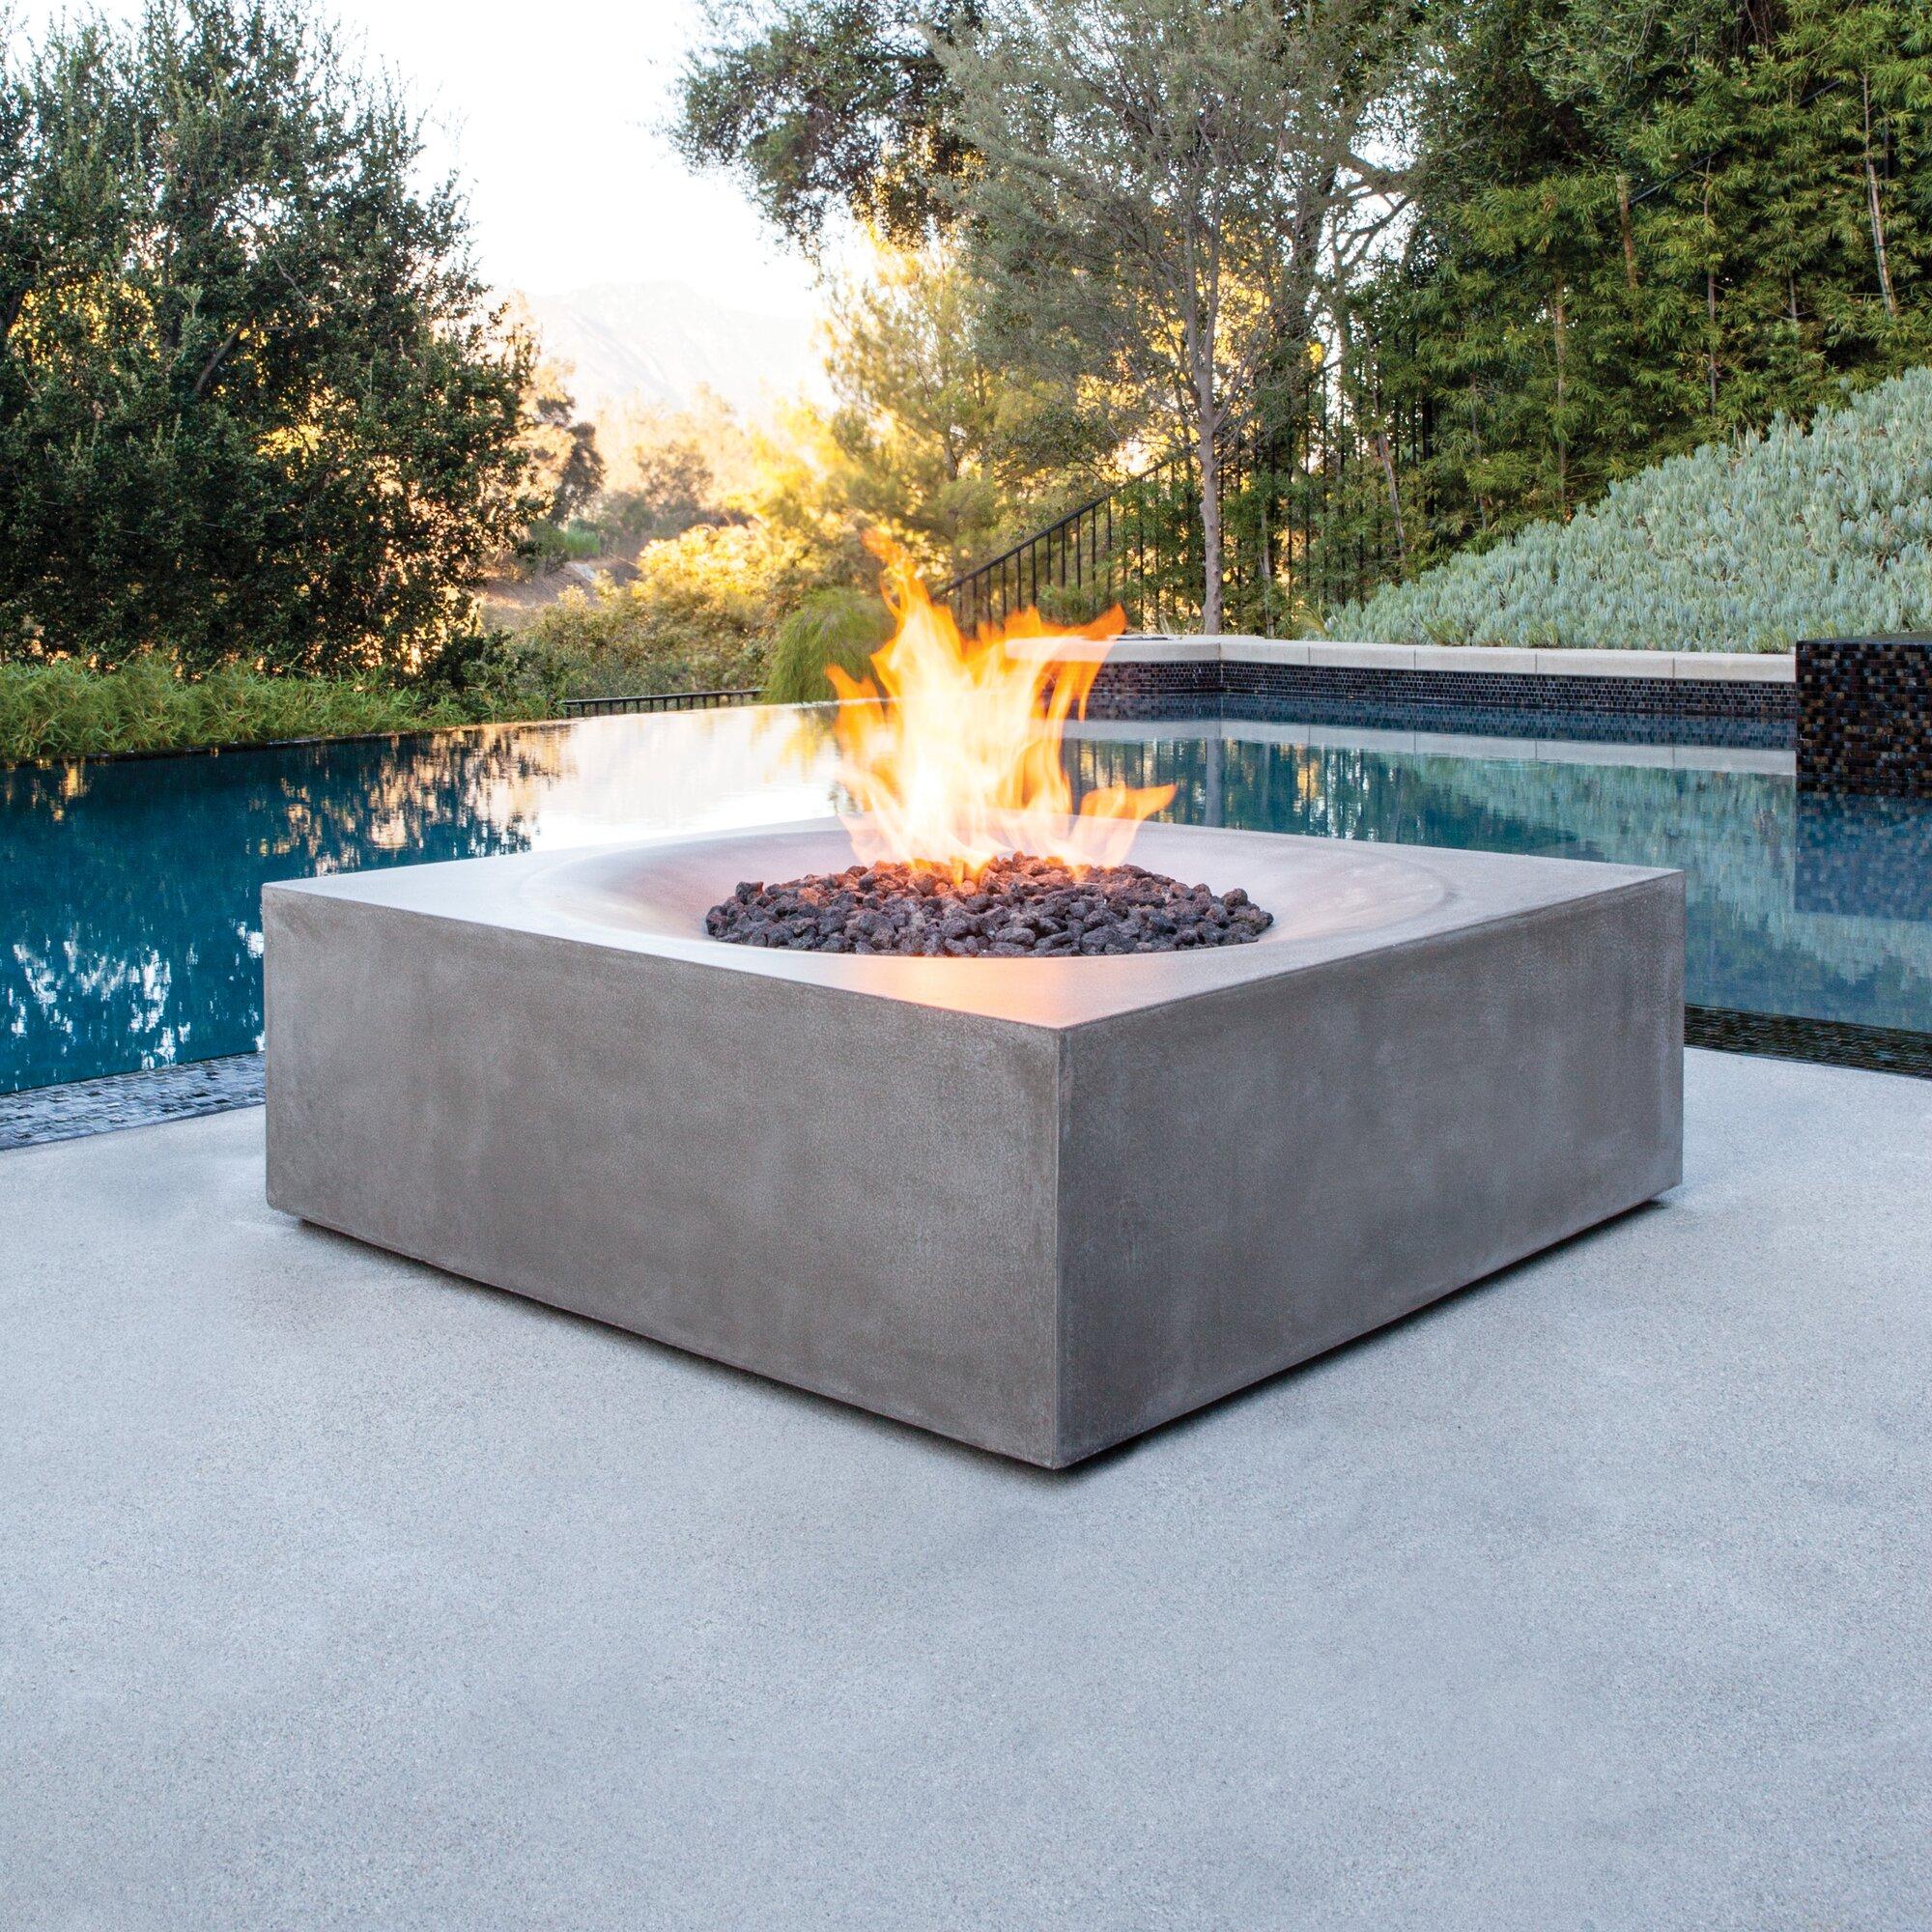 BJFS Solstice Concrete Natural Gas/Propane Fire Pit Table ...